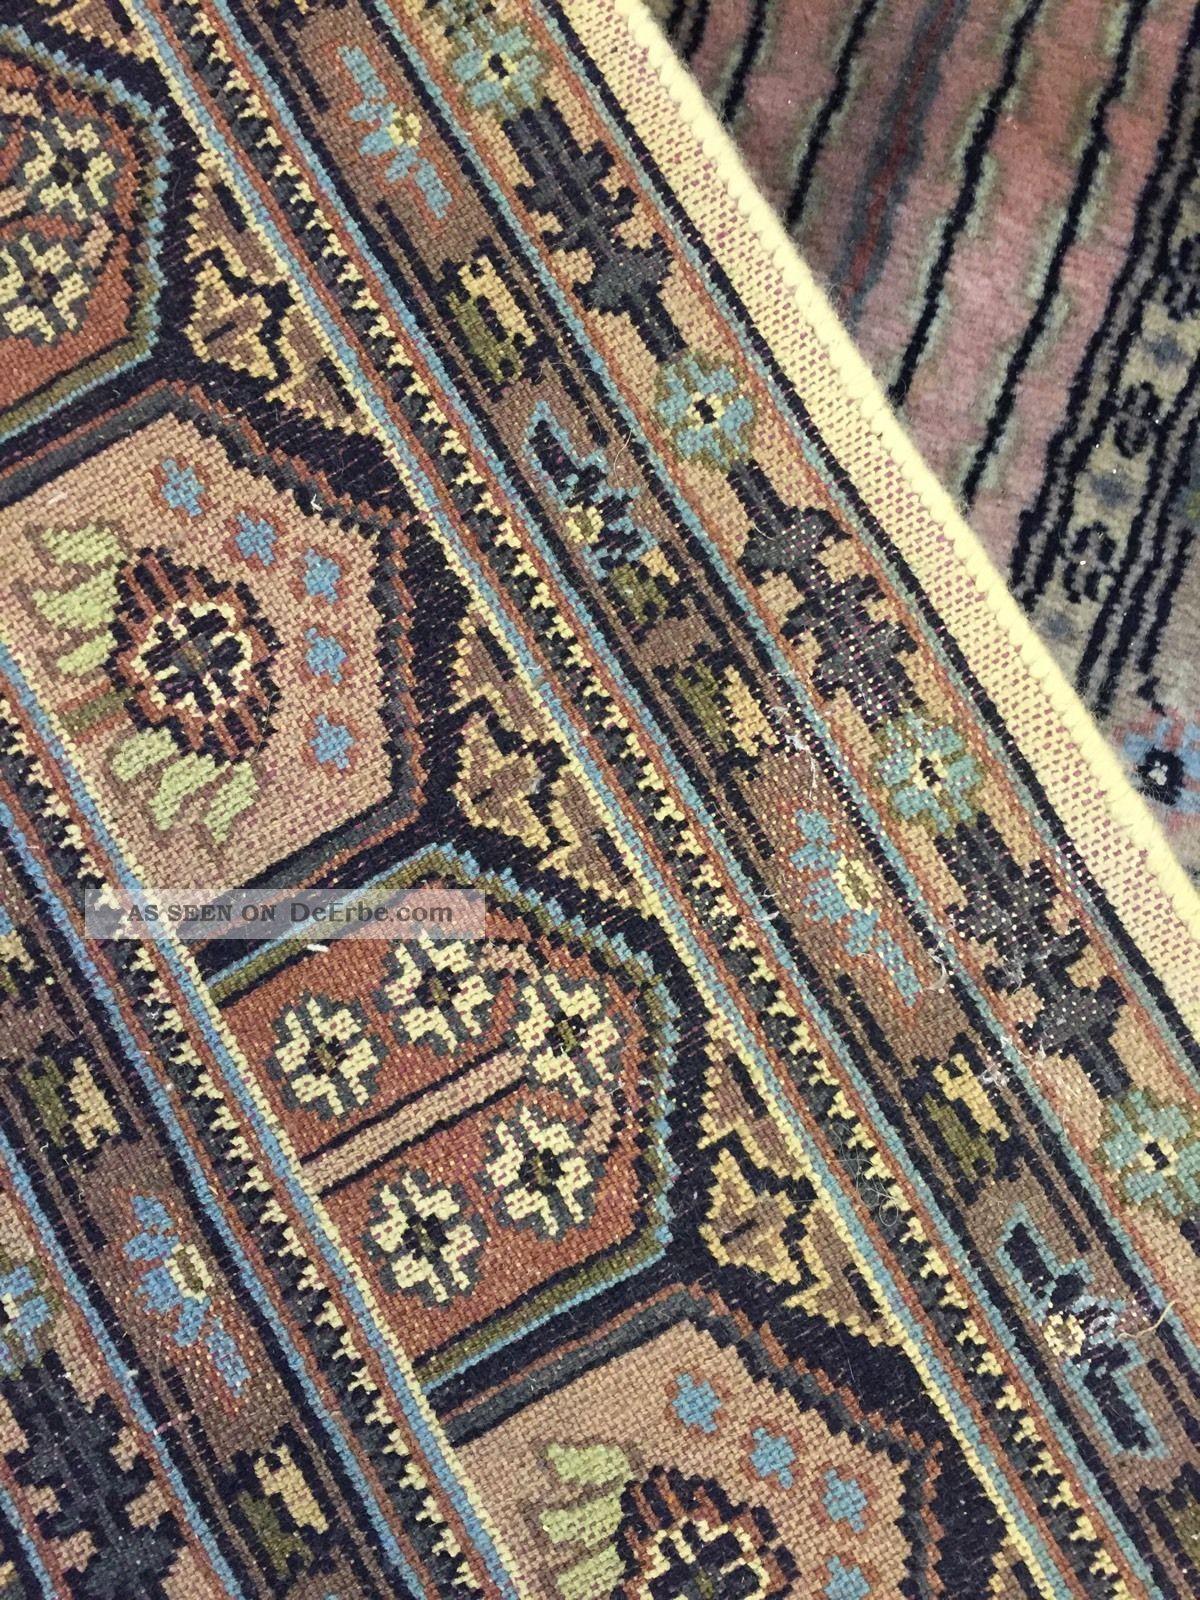 Orientteppich, Teppich, Rug, Kashmir Mit Seide 282×185